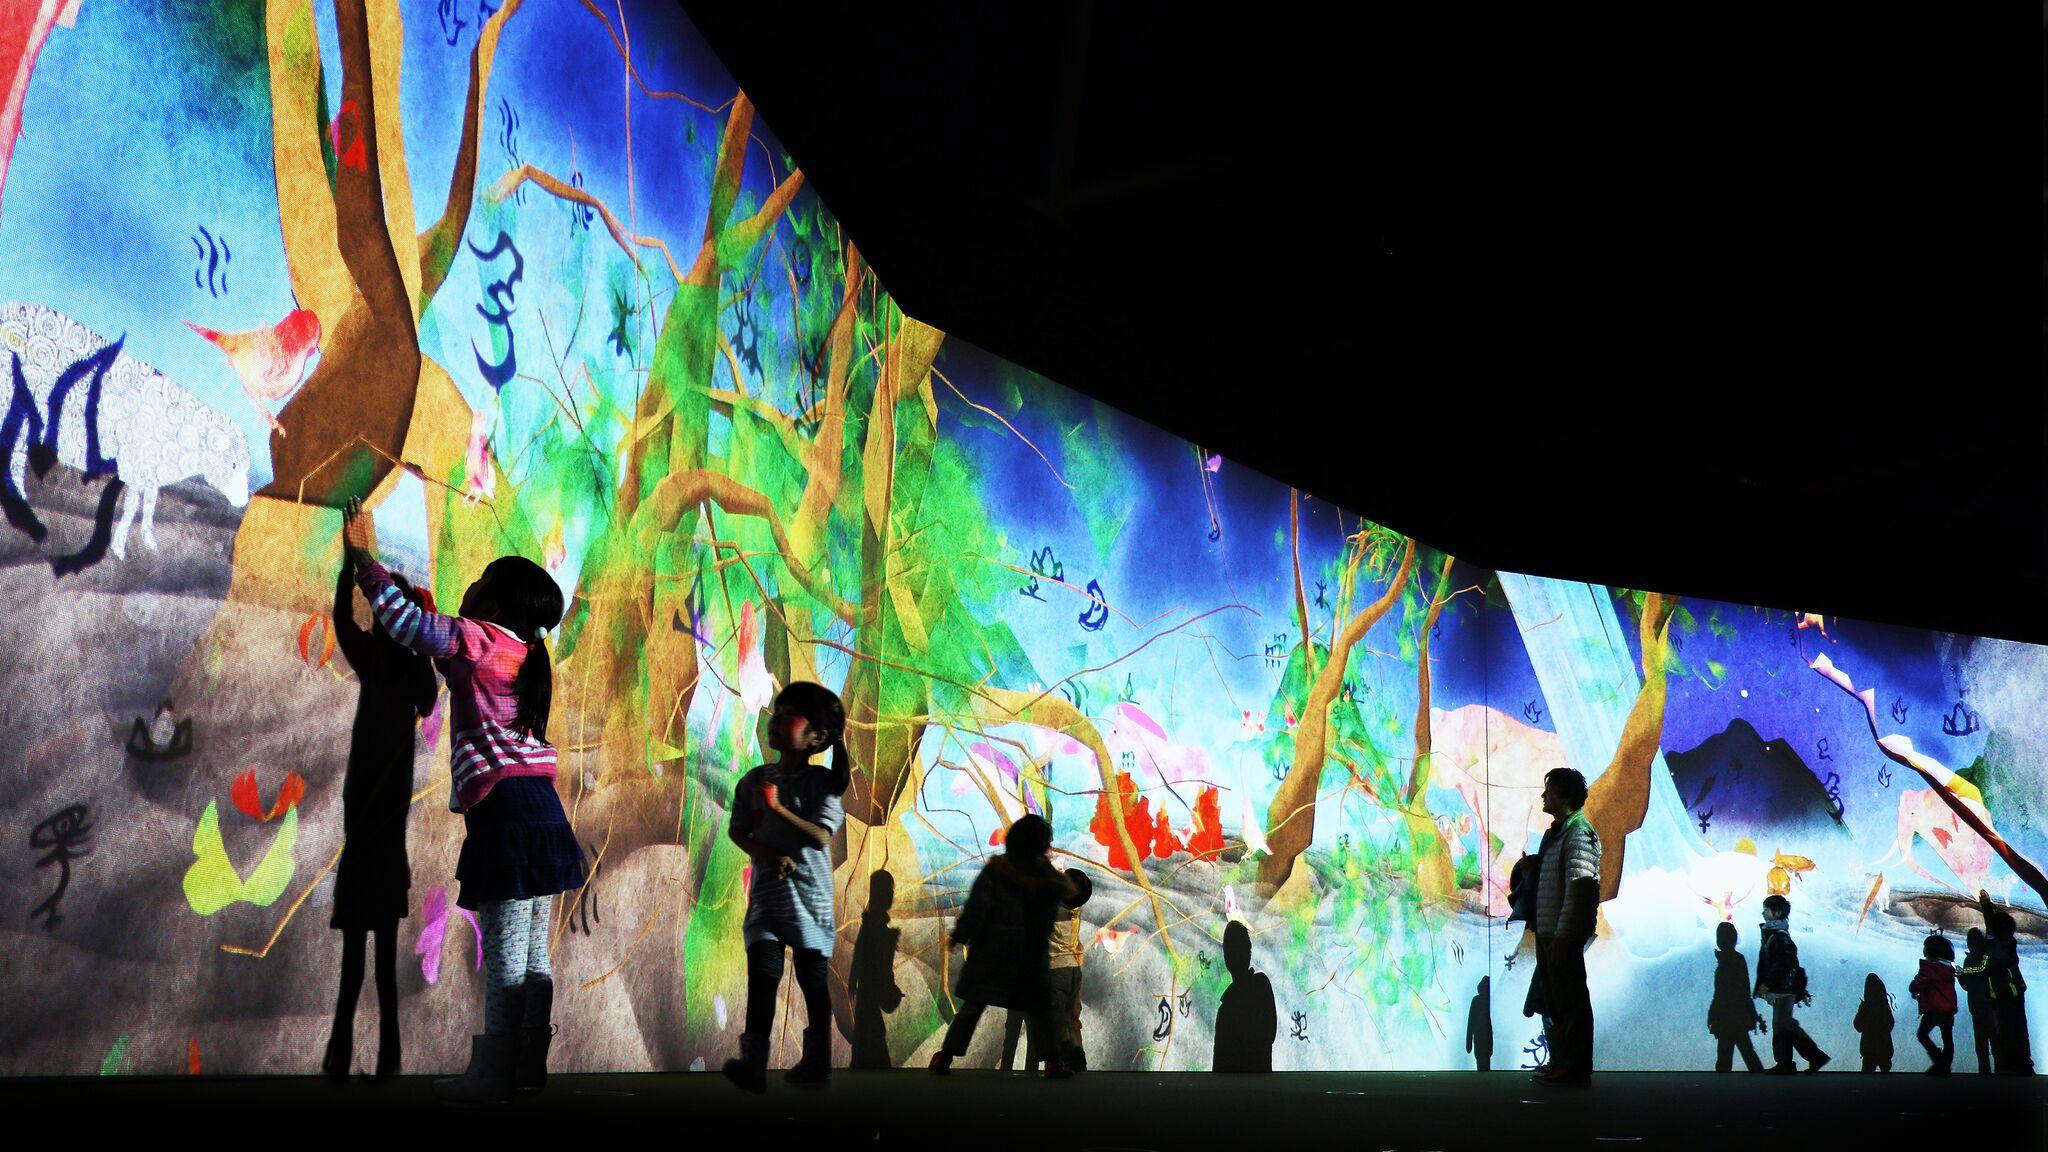 チームラボ 学ぶ!未来の遊園地 甲府市 イベント 5